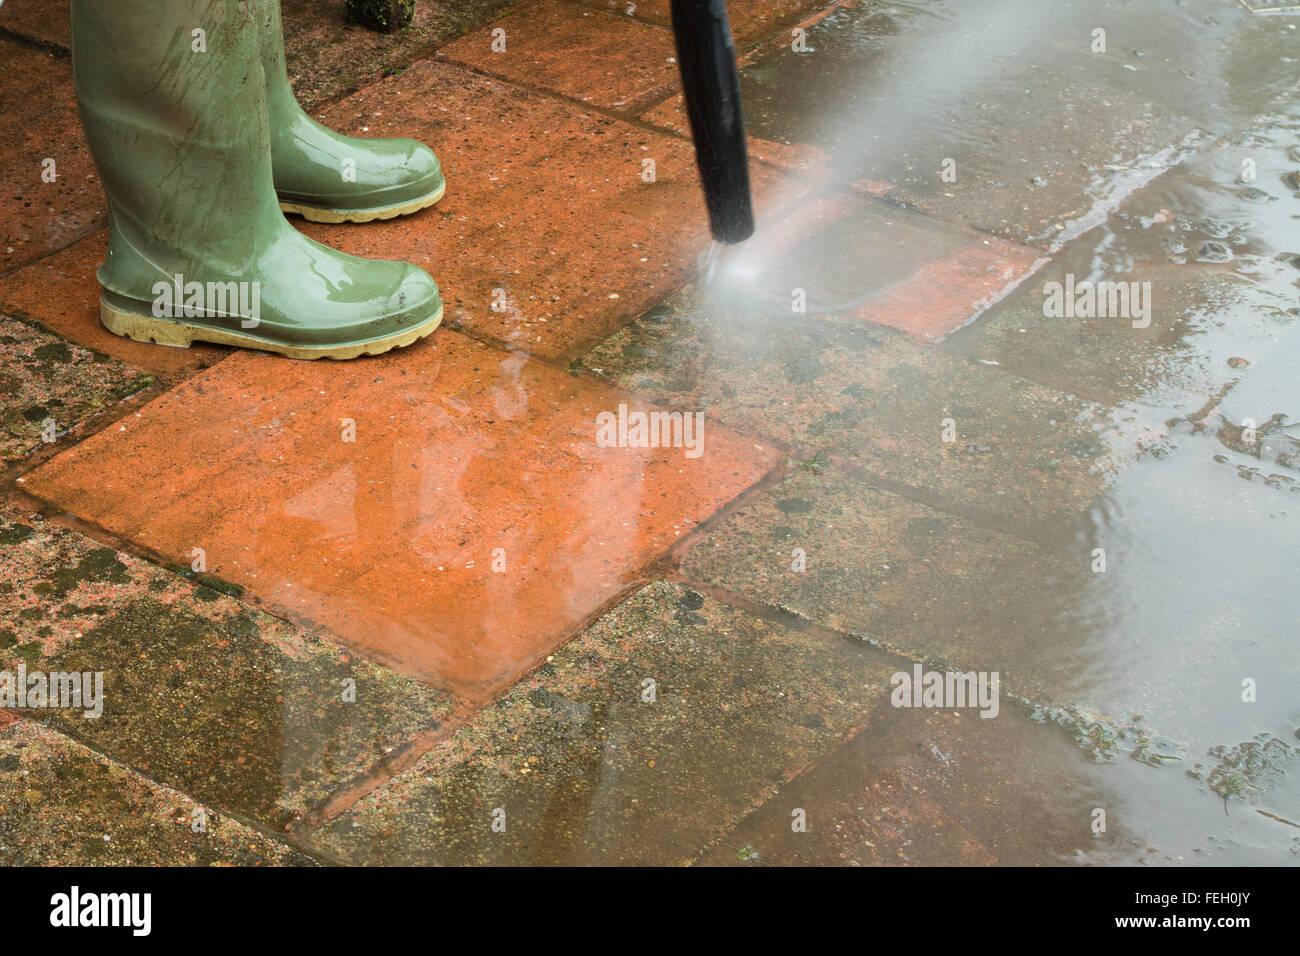 Puissance de lavage patio sale Photo Stock